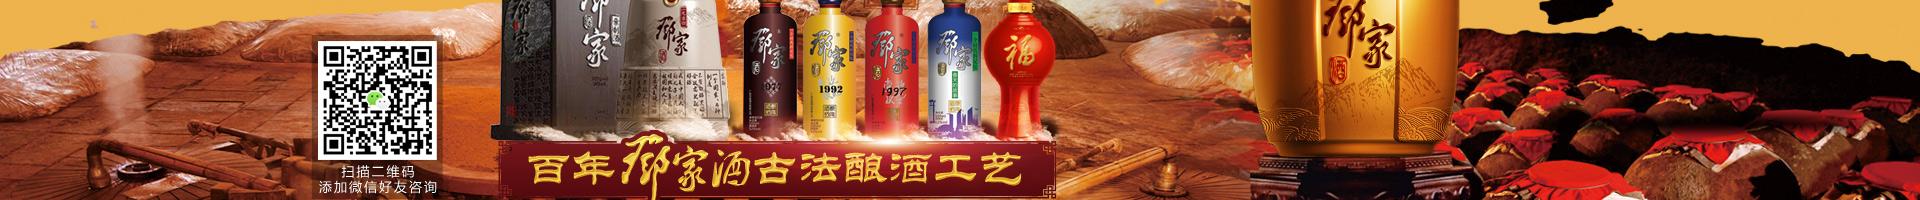 广安邓家酒业有限公司